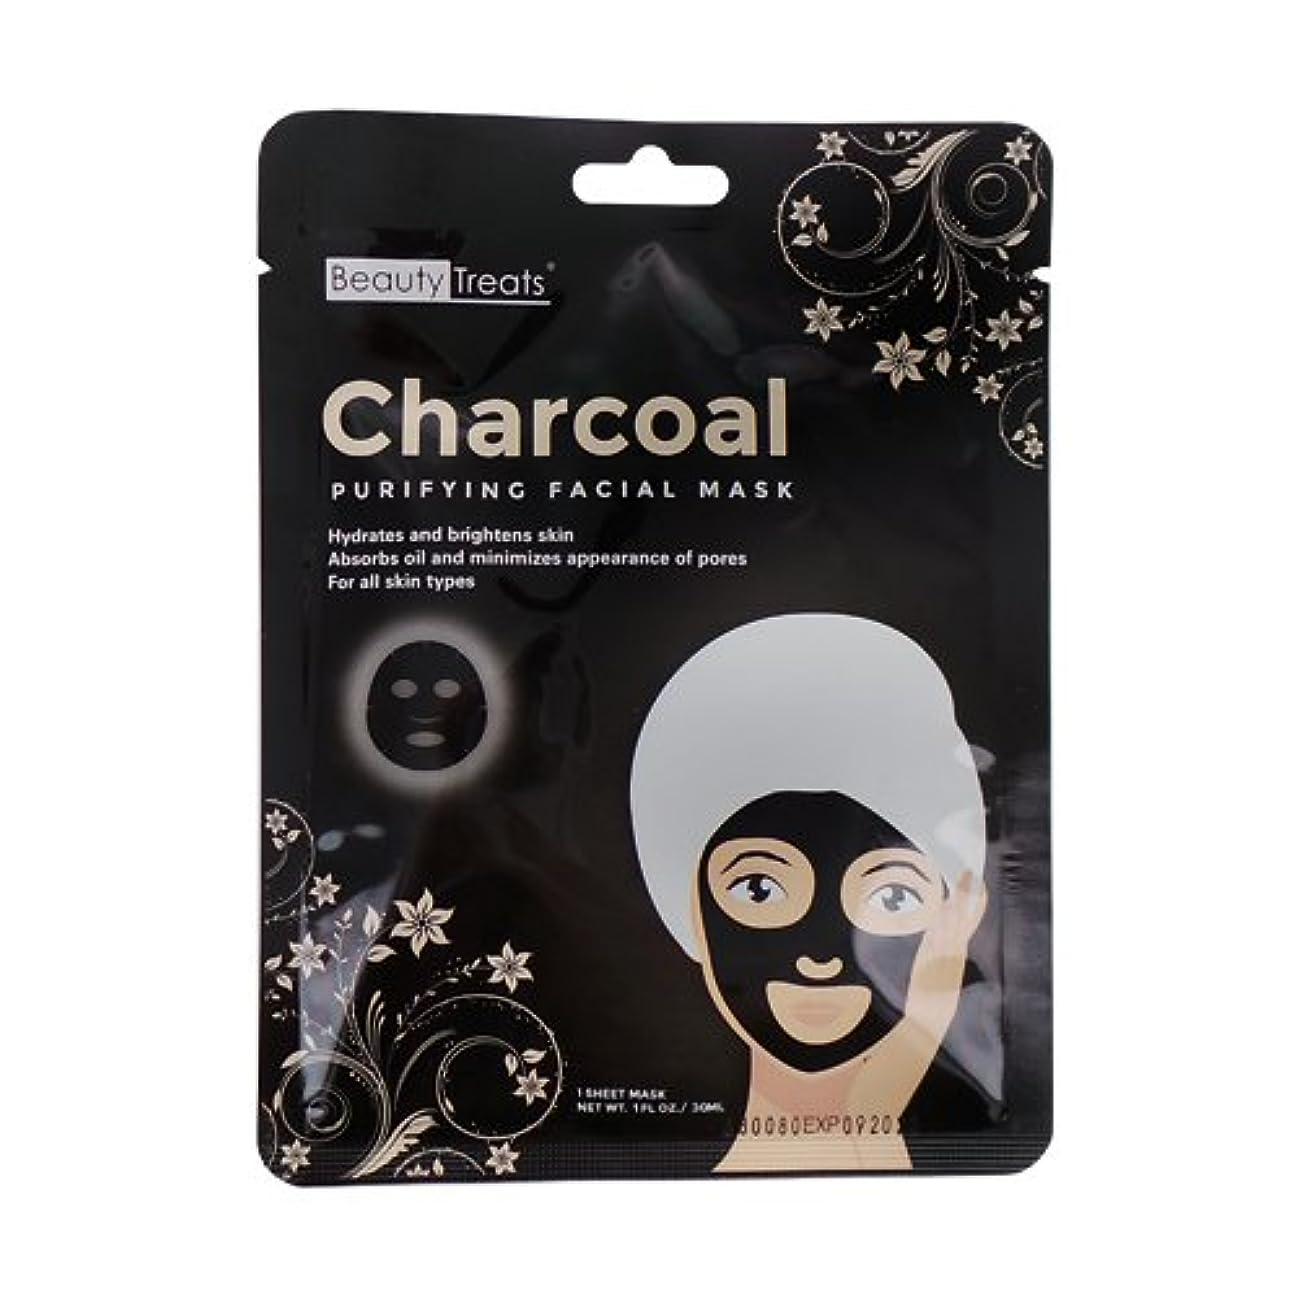 悪質な素晴らしいですメダリスト(6 Pack) BEAUTY TREATS Charcoal Purifying Facial Mask (並行輸入品)